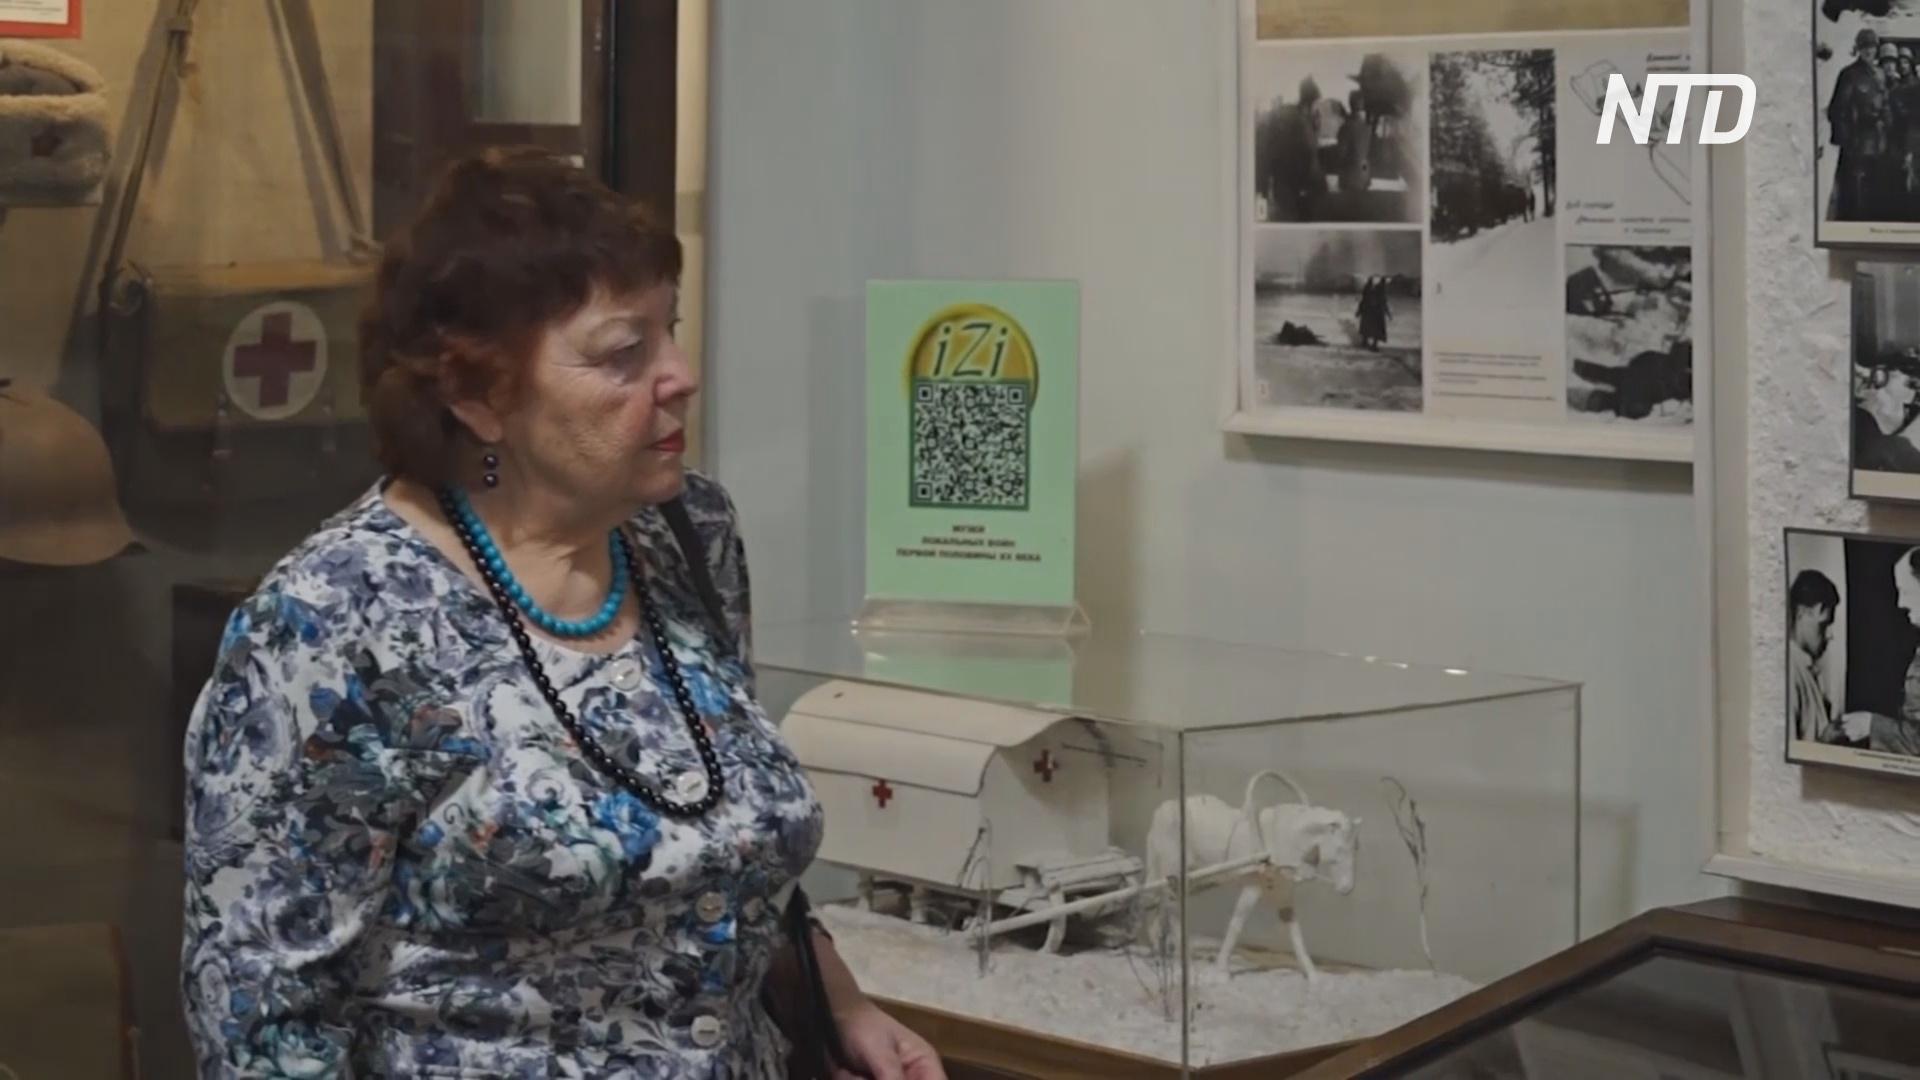 Пережившие Холокост вспоминают ужасы концлагерей в новом питерском музее